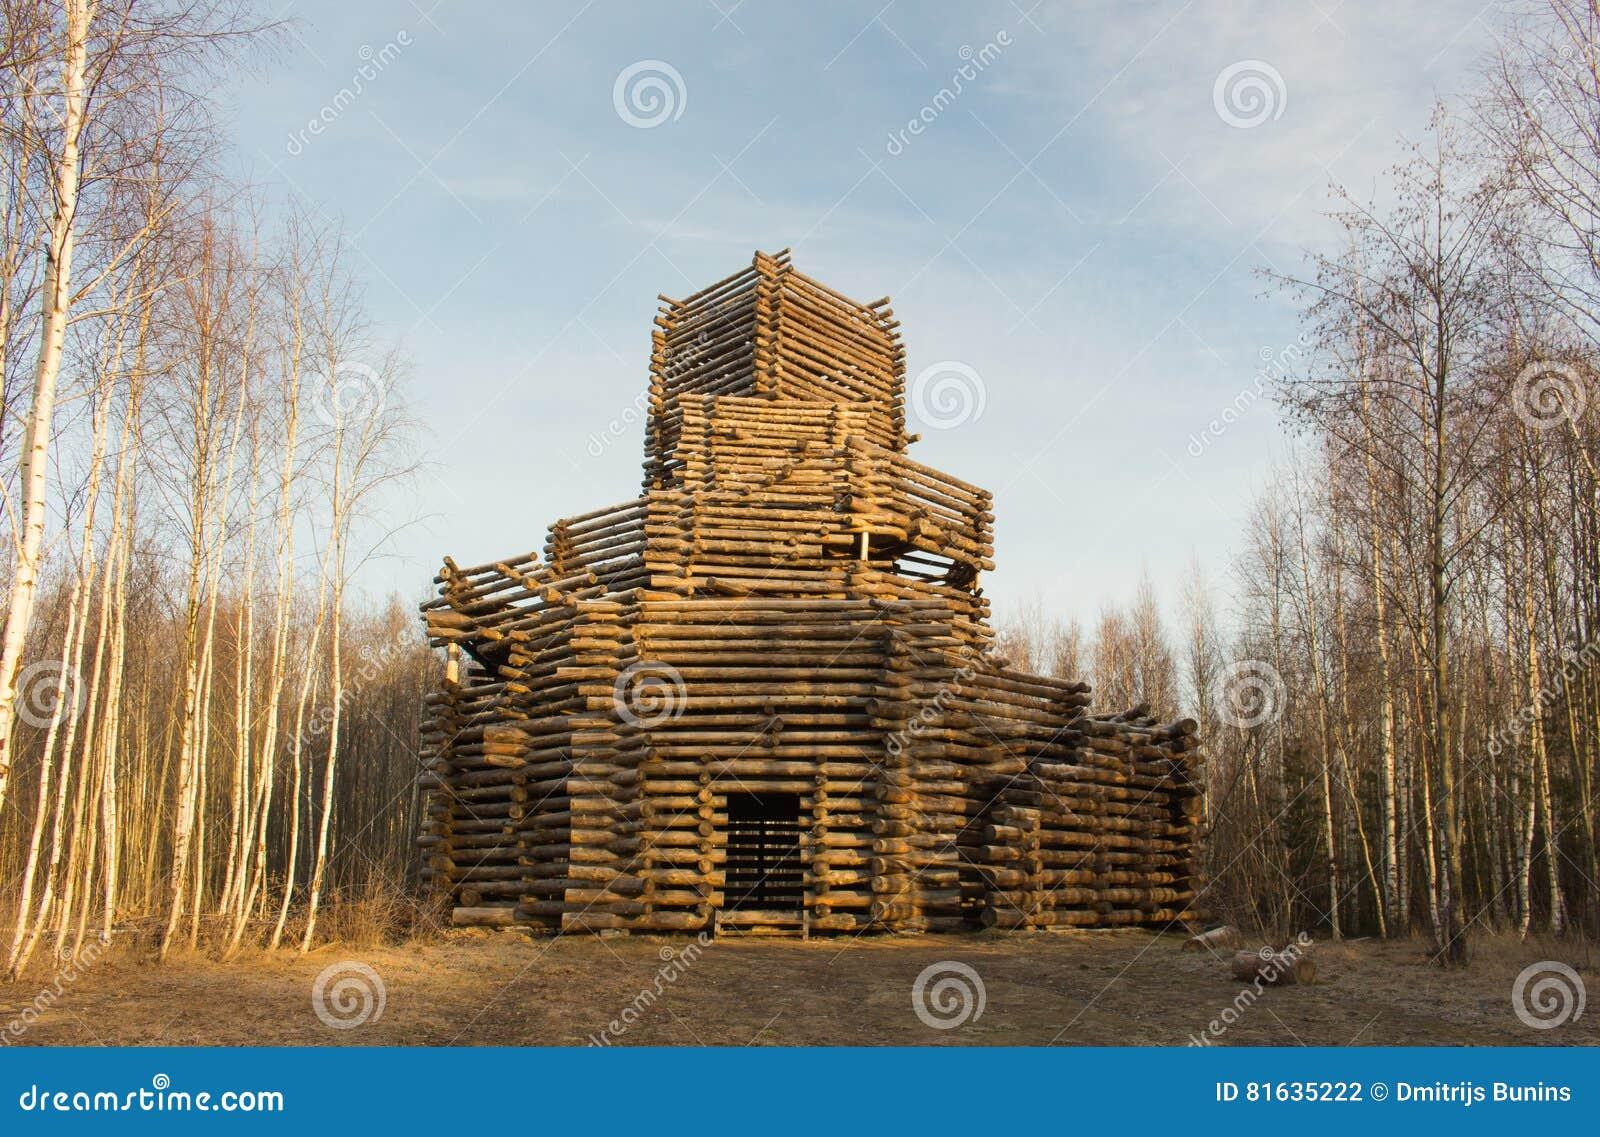 Arquitectura de madera rusa casa de campo en invierno foto for Arquitectura de madera